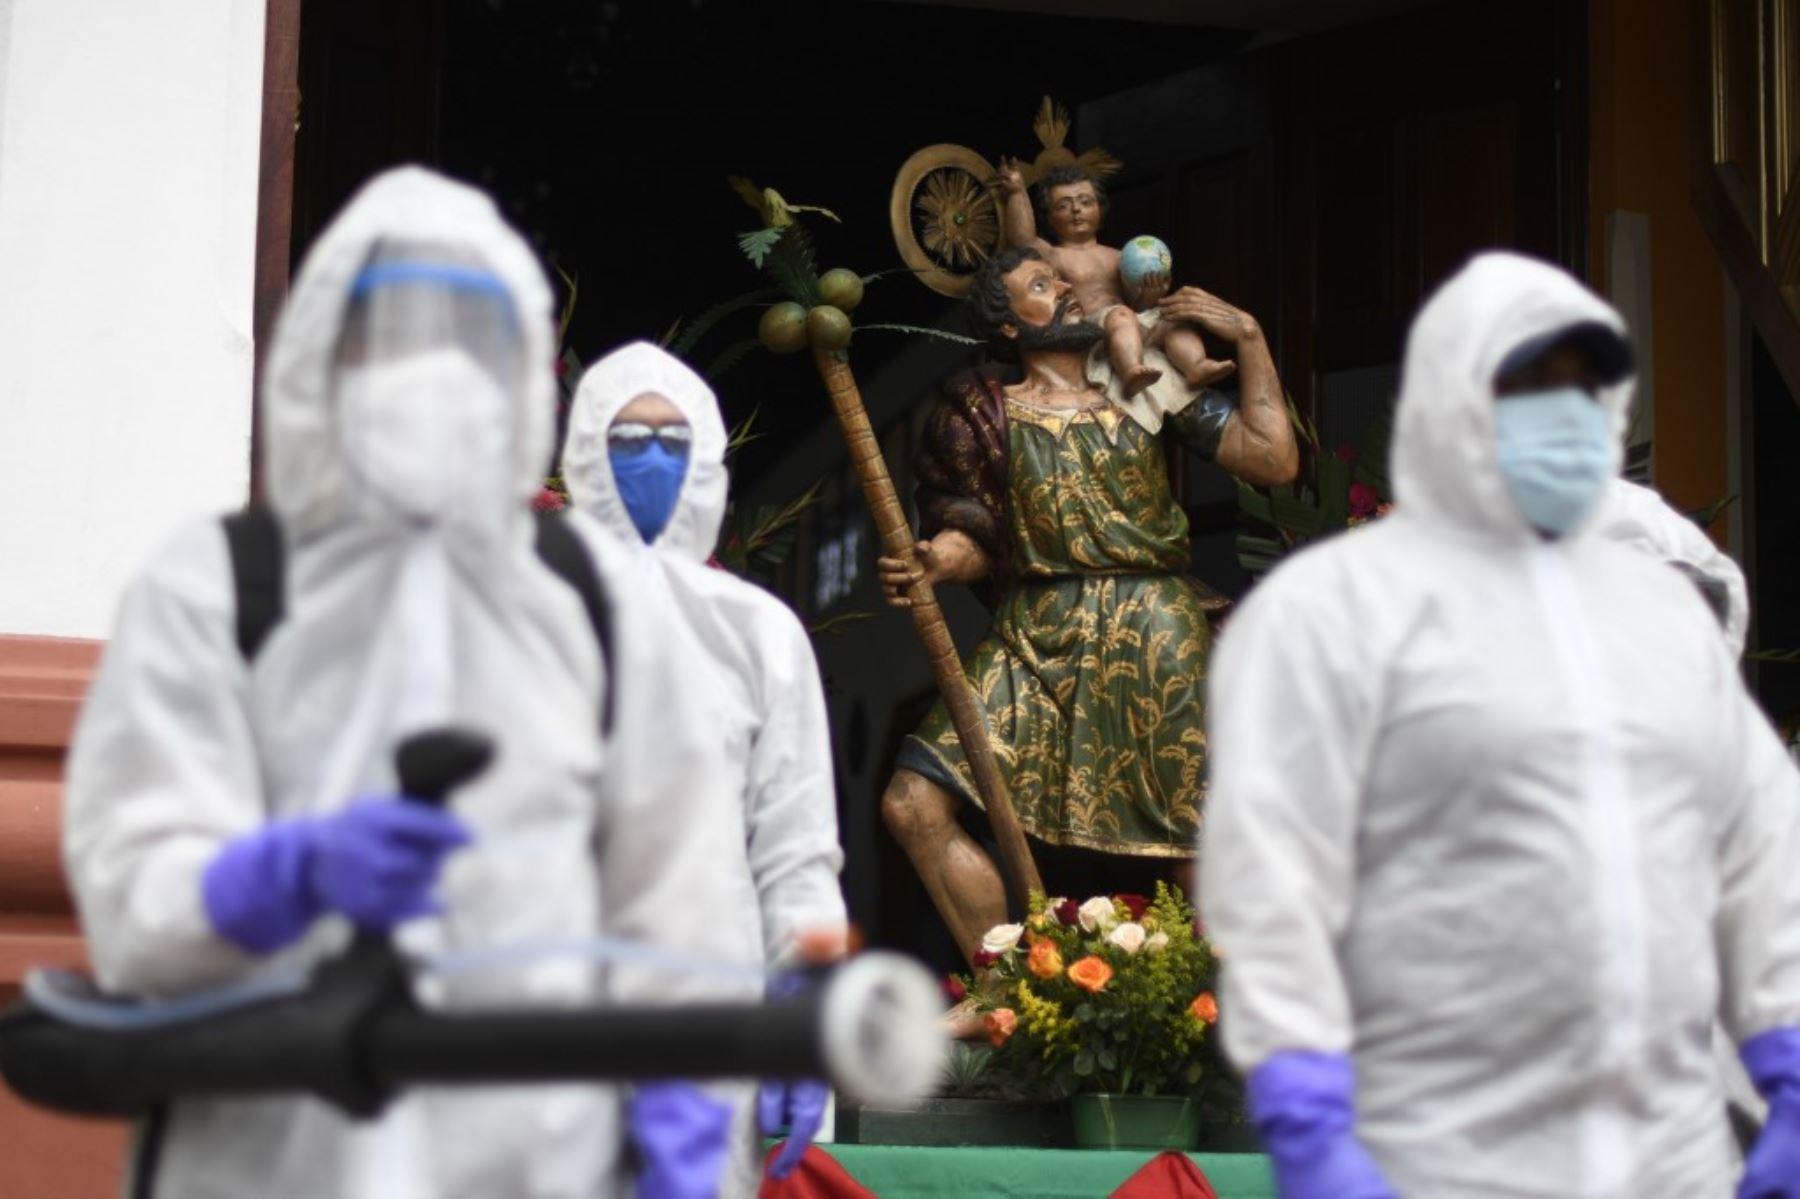 Los trabajadores municipales en traje de protección se preparan para desinfectar un automóvil fuera de una iglesia durante la celebración del Día de San Cristóbal, patrón de viajeros y conductores, en la Ciudad de Guatemala. Foto: AFP